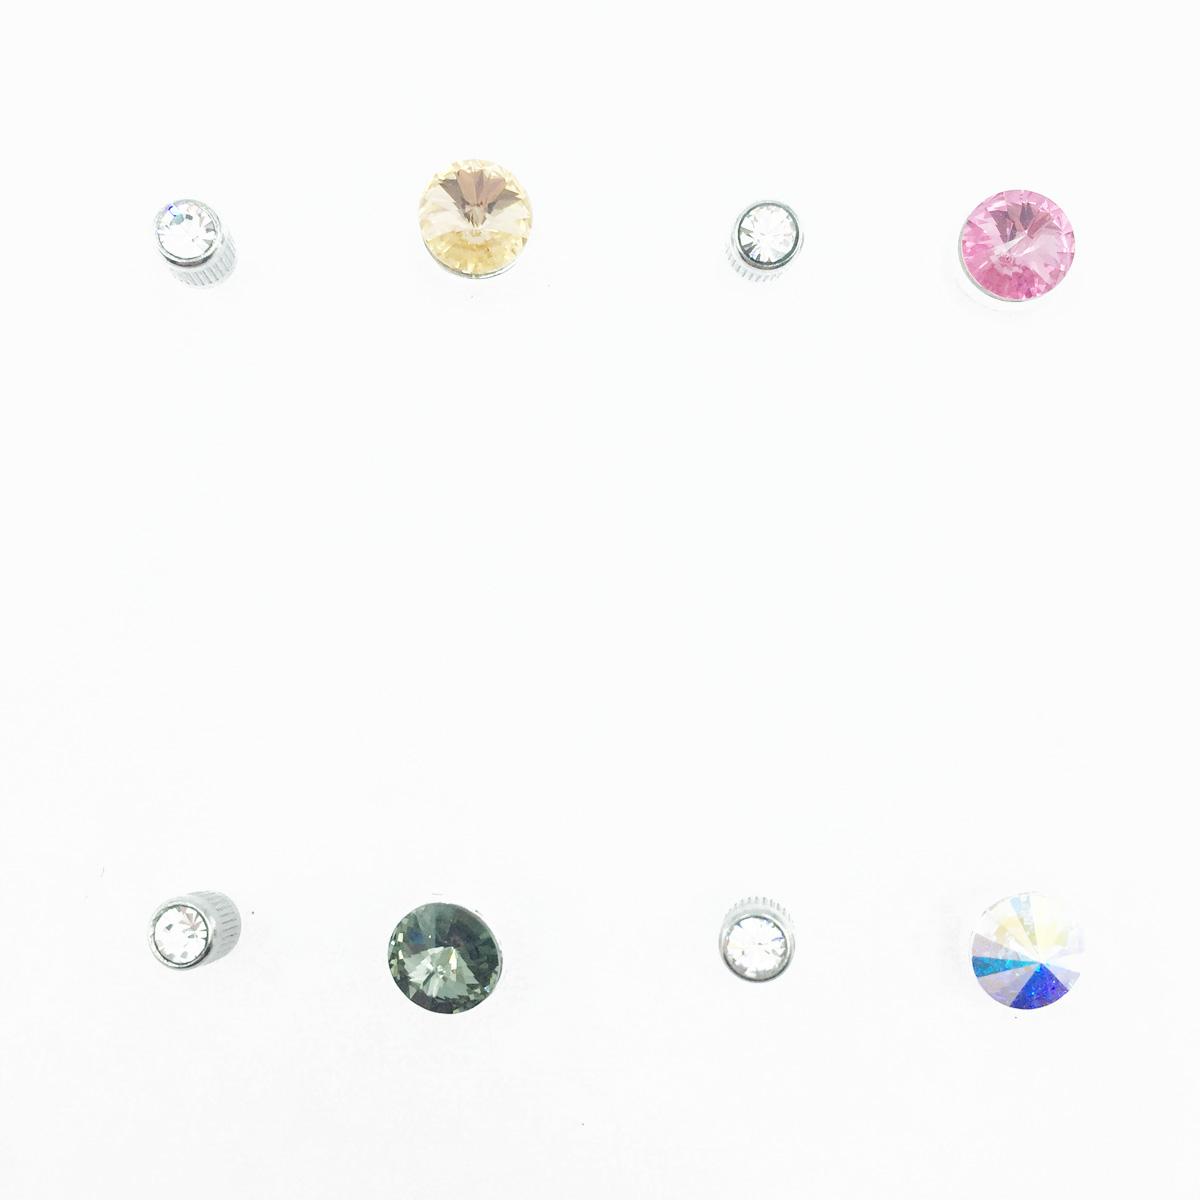 不鏽鋼 單鑽 閃耀水鑽 圓鑽 4色 後轉式針式耳環